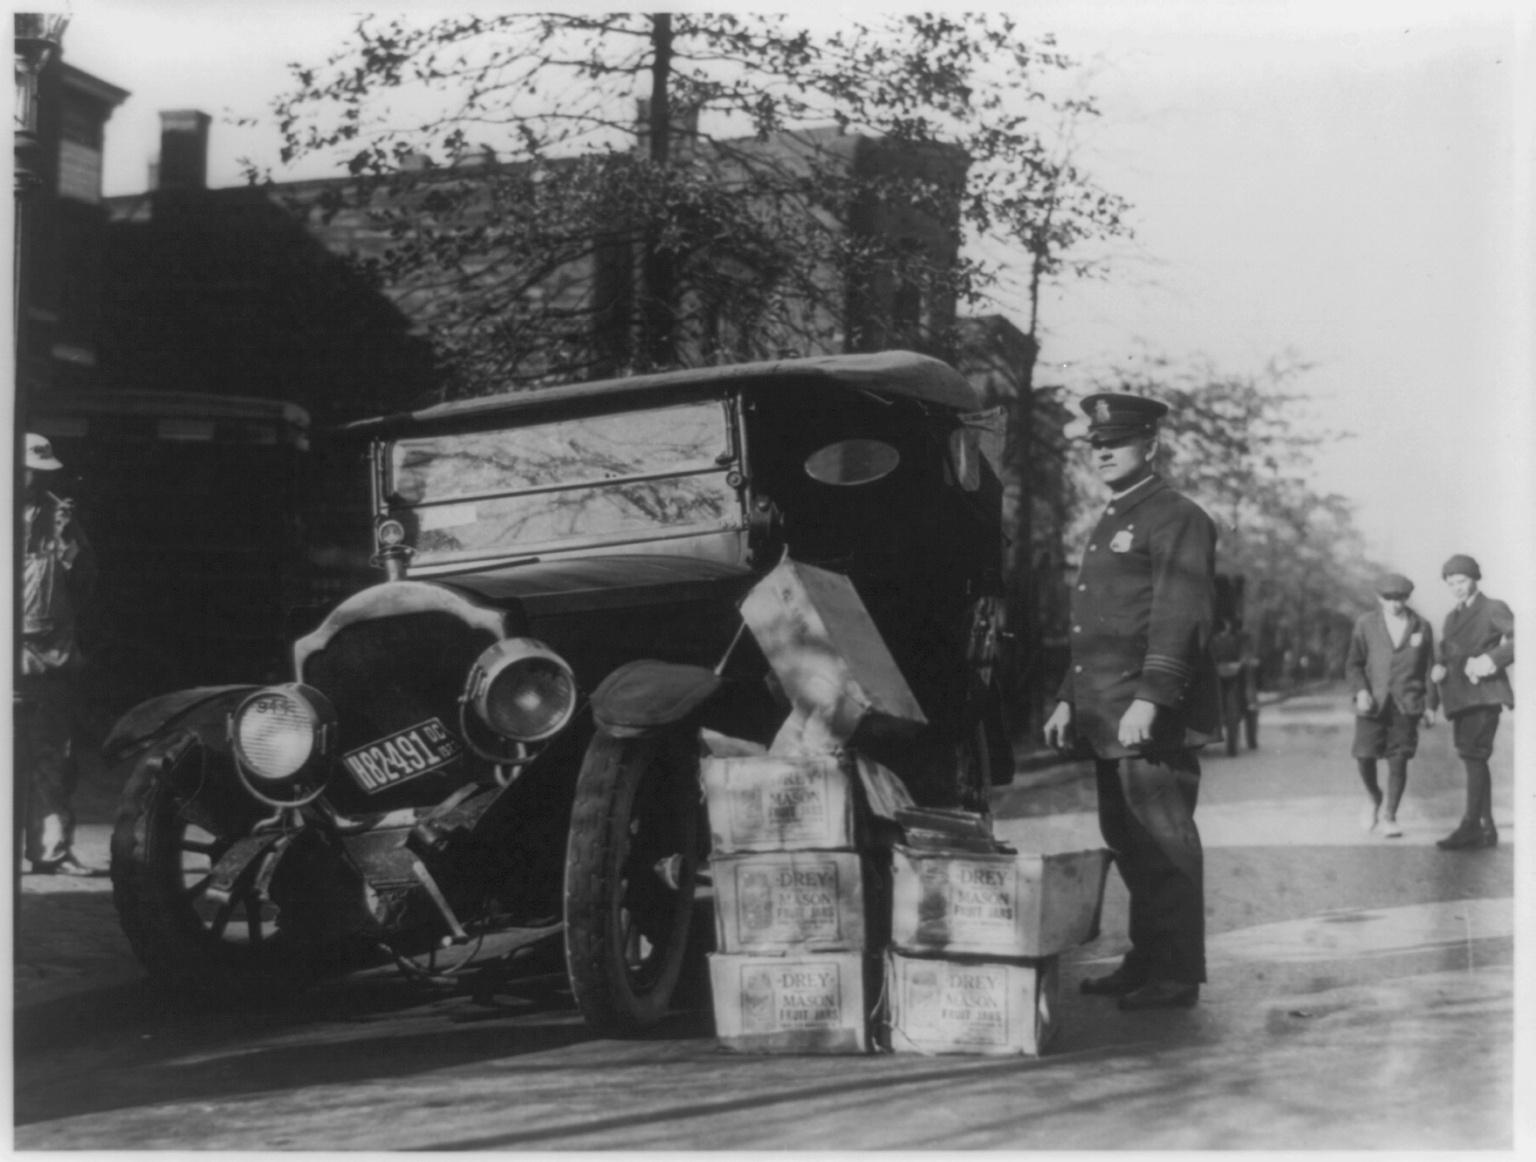 policemanwithwreckedautomobileandconfiscatedmoonshine,1922